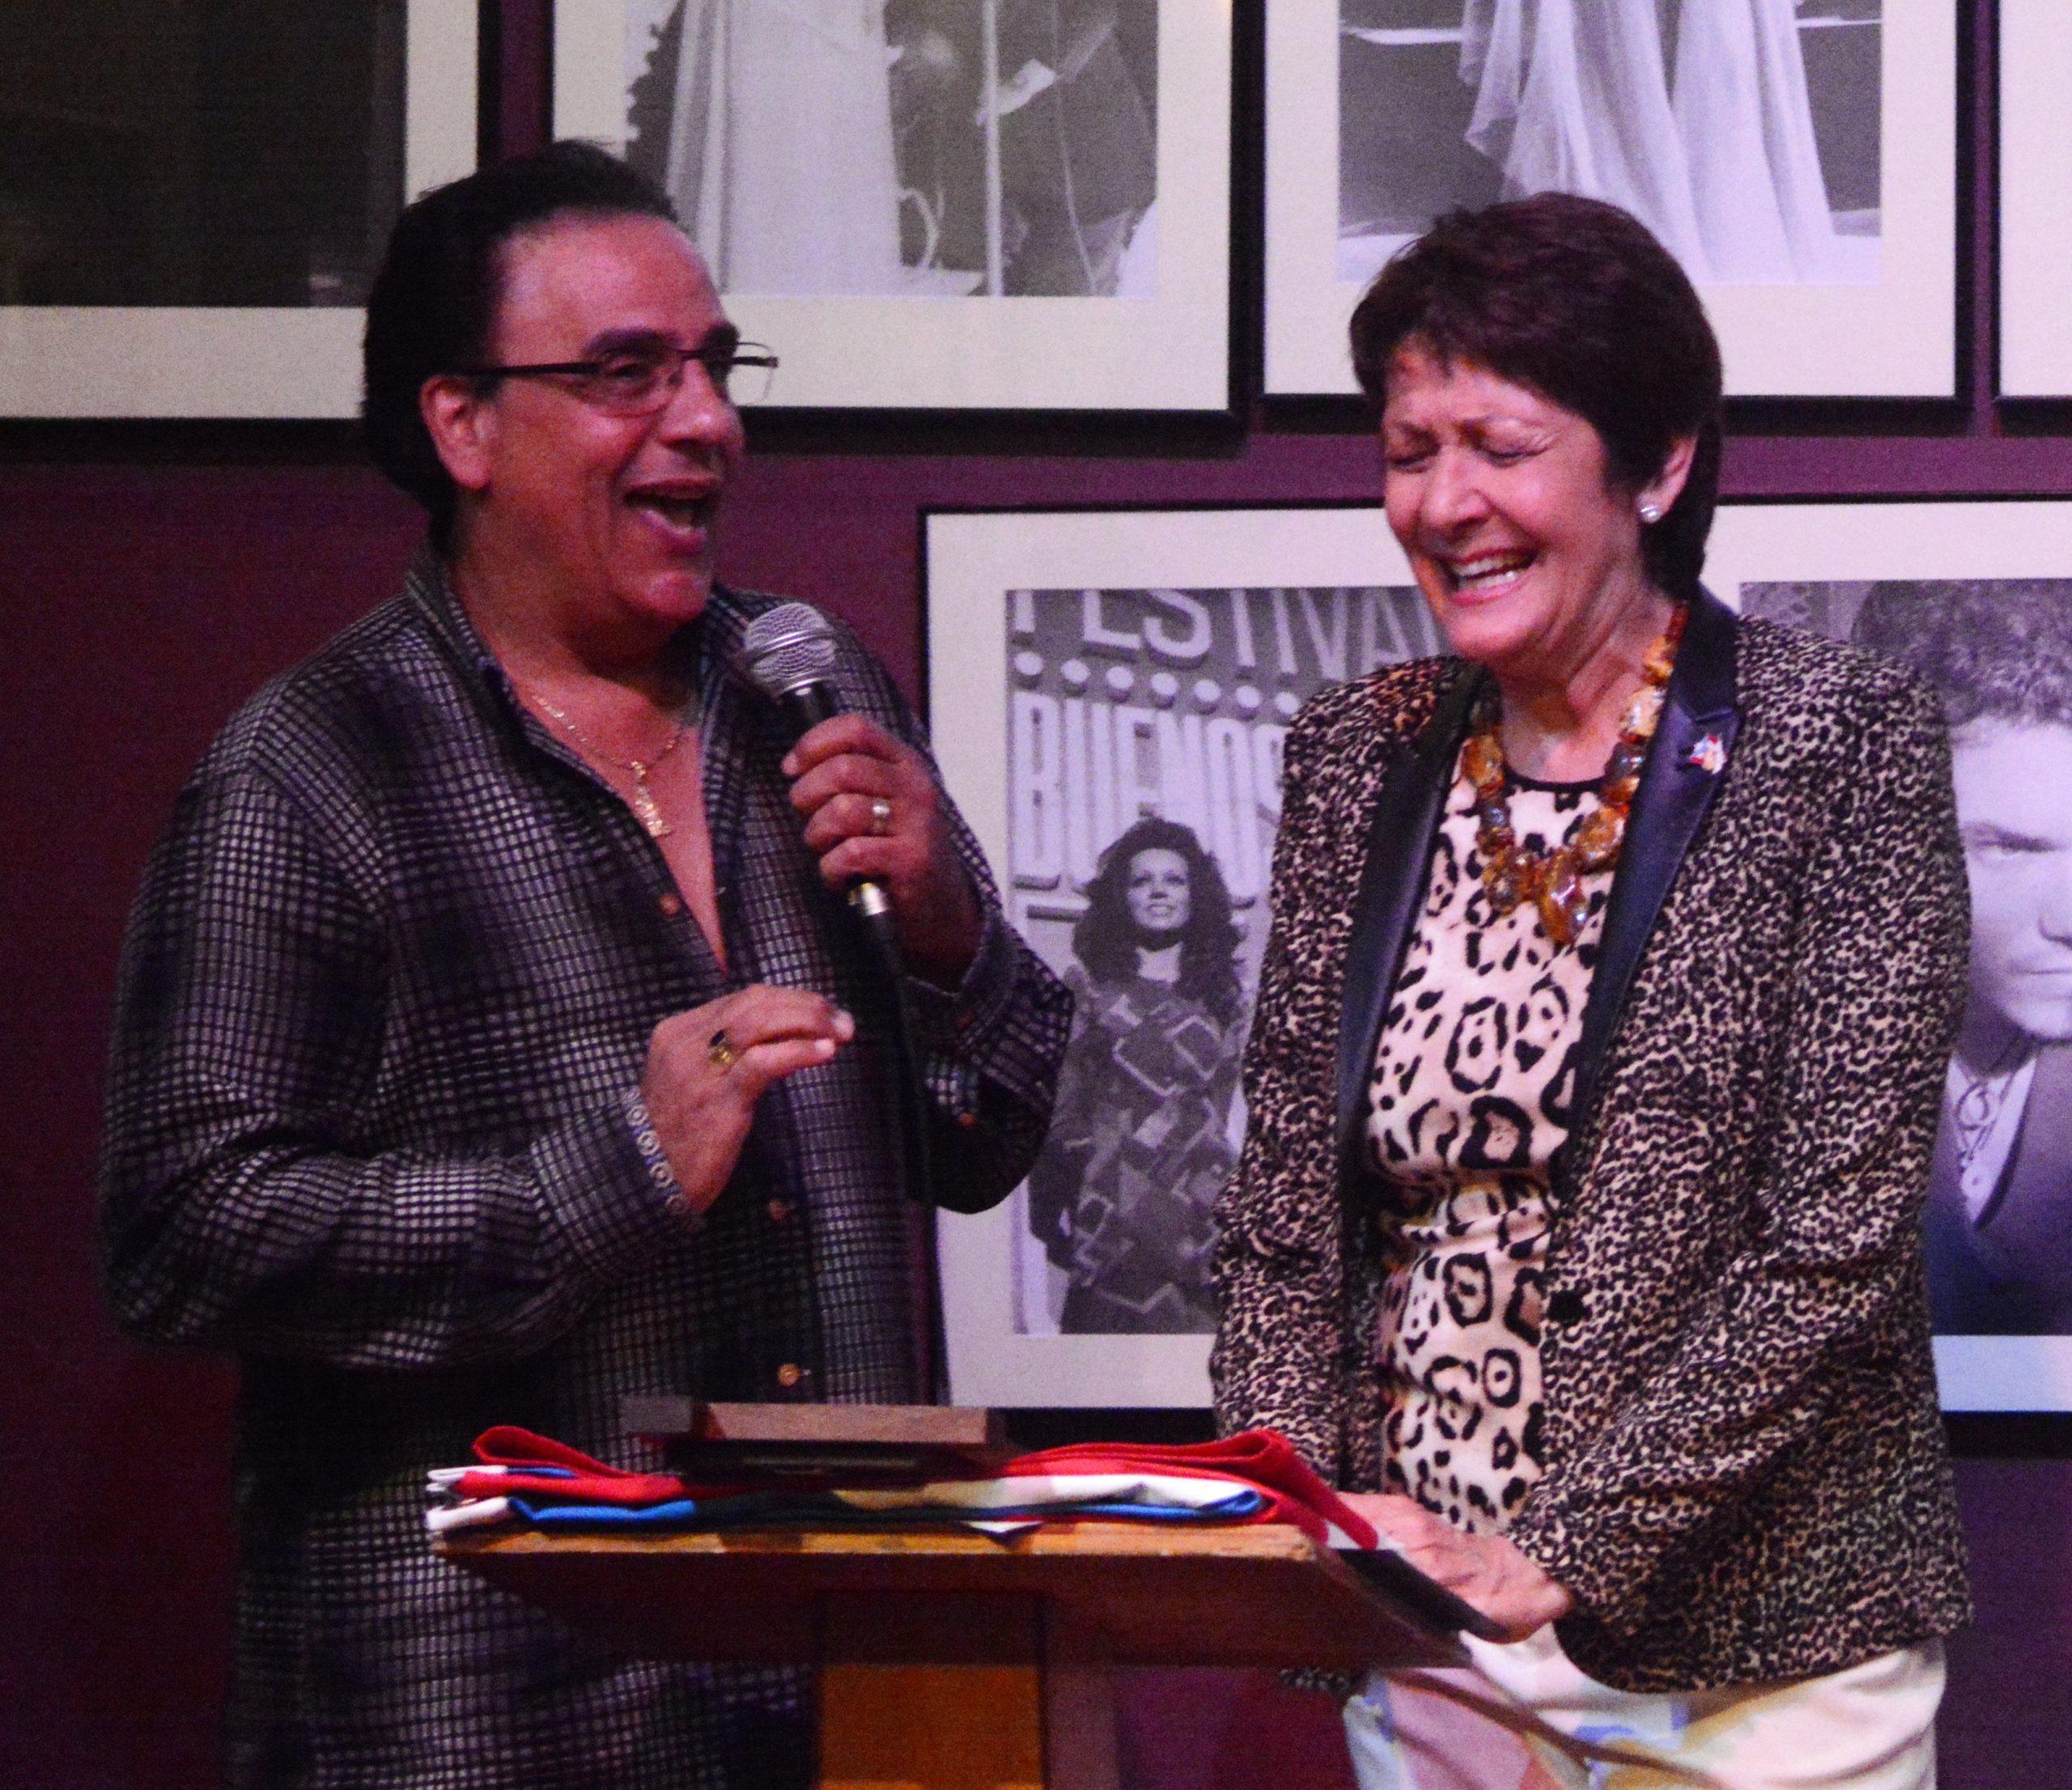 El csntante Edgardo Huertas fue uno de los que sorprendió a Ivonne Coll recordando anécdotas de su carrera. (Foto Eric Laguna para Fundación Nacional para la Cultura Popular)